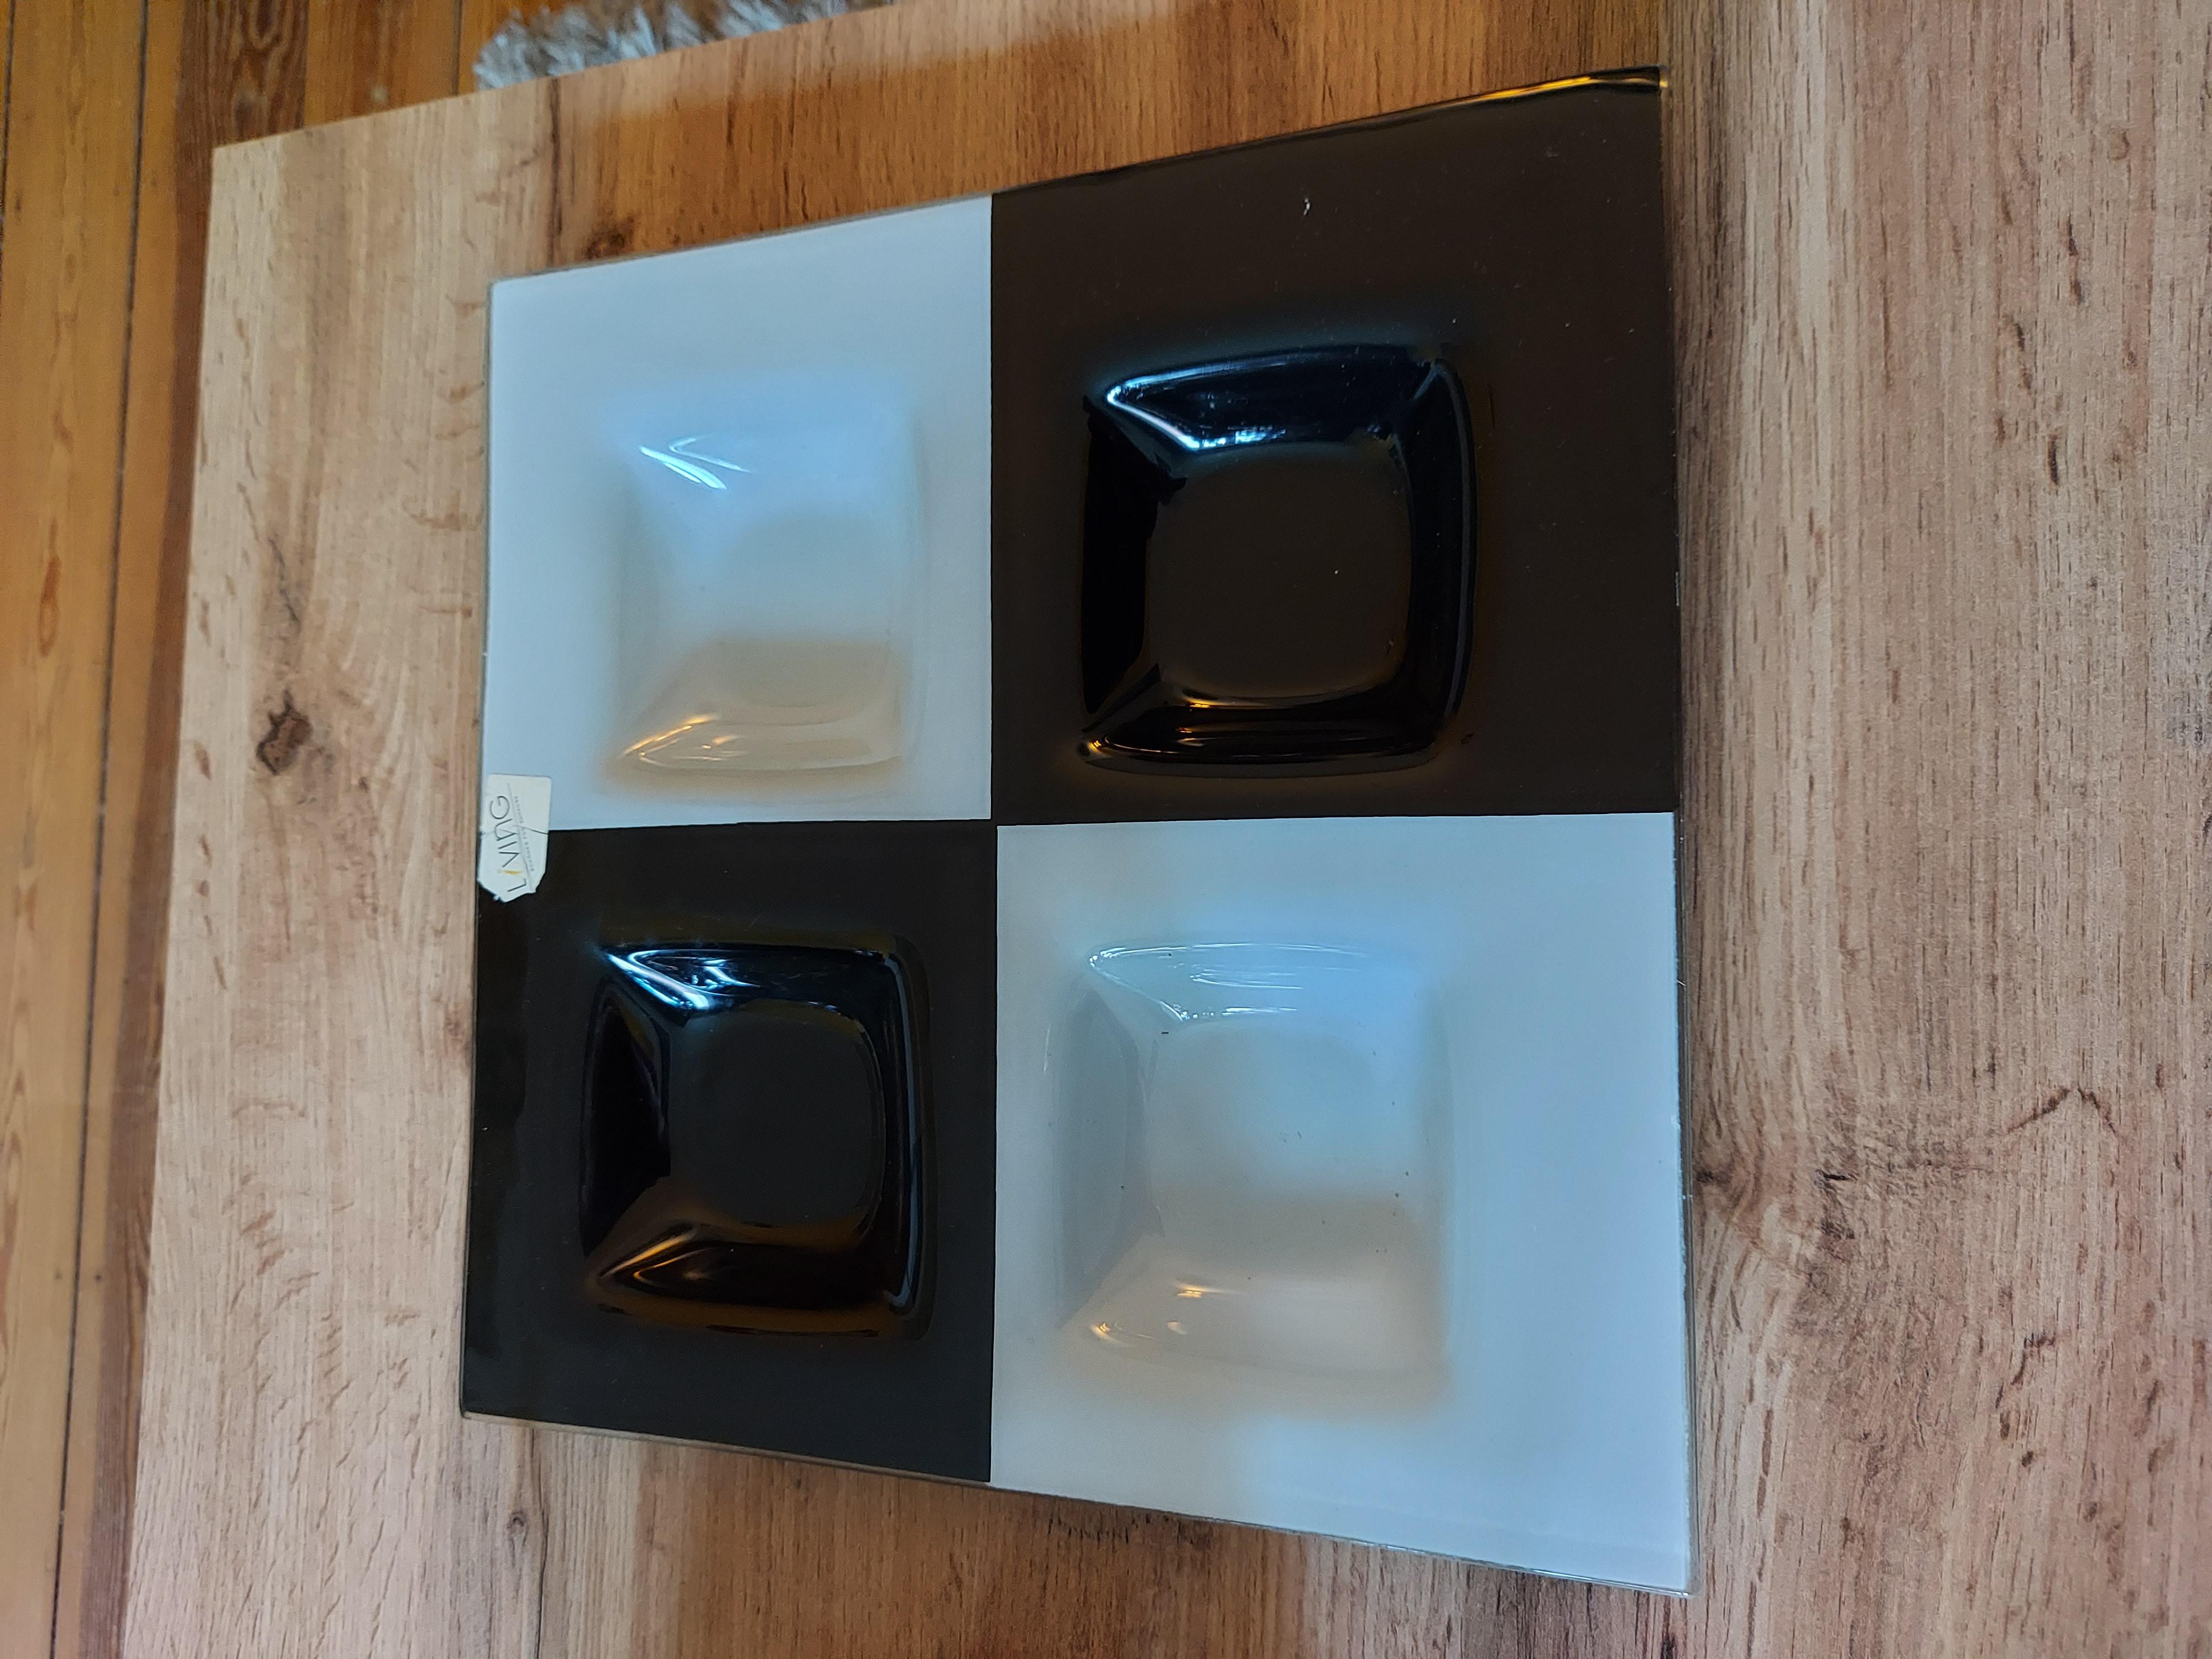 Glasschale schwarz-weiß tauschen